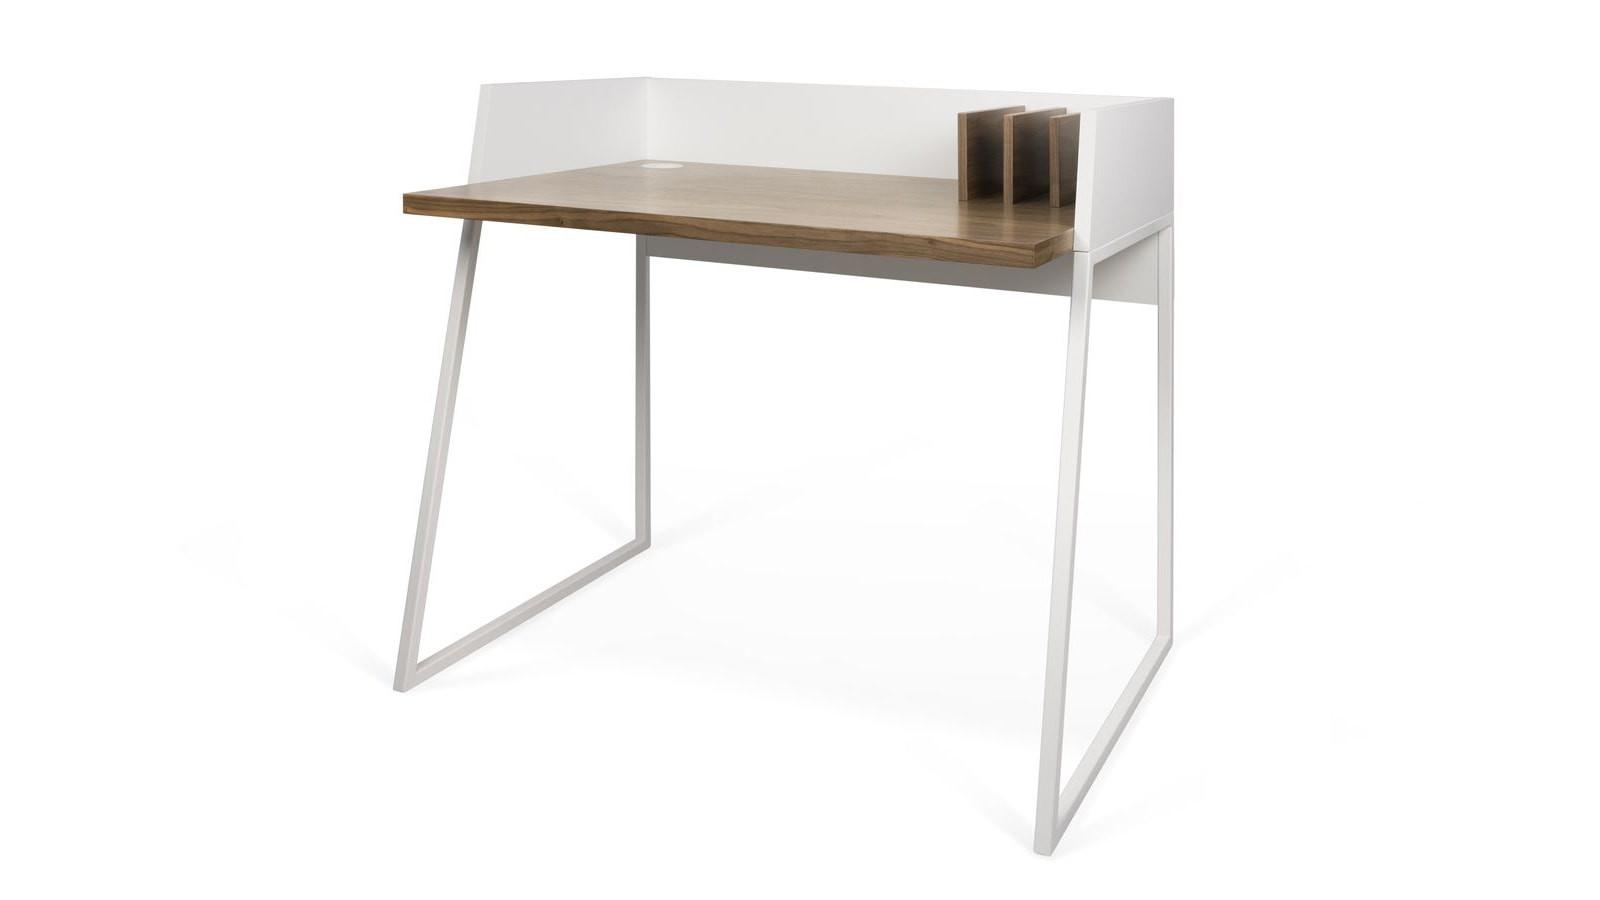 Bureau blanc et bois foncé collection volga temahome homifab